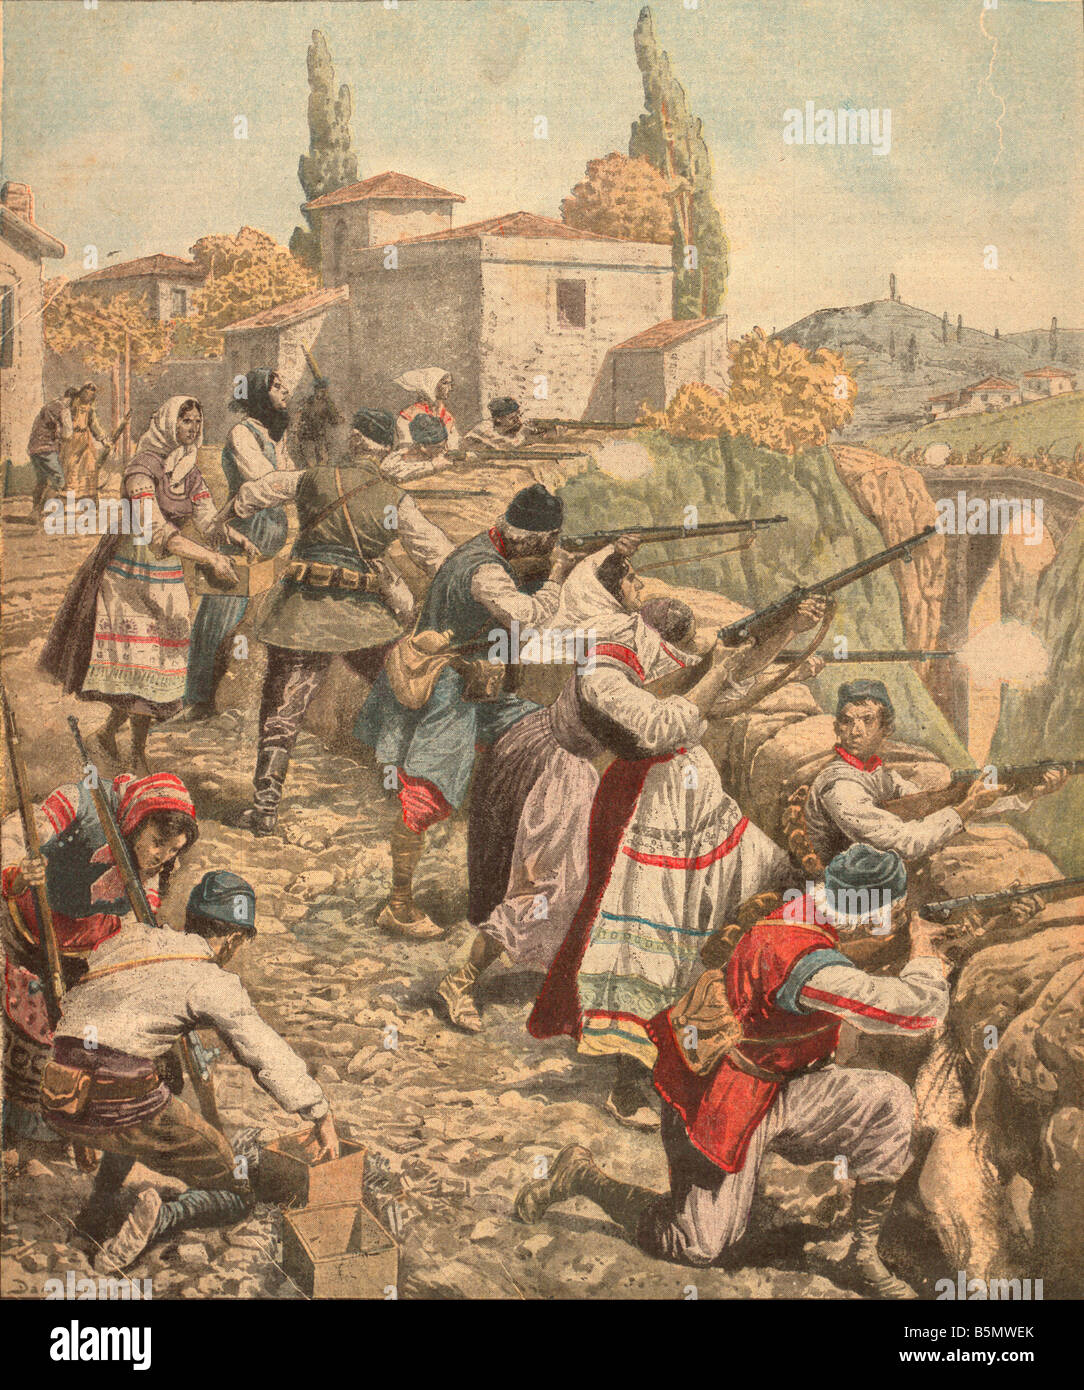 9JG 1915 11 0 A1 E Serben in WW ich Col Petit Printzeitschrift Erster Weltkrieg 2. Serbien Expedition durch die Stockbild